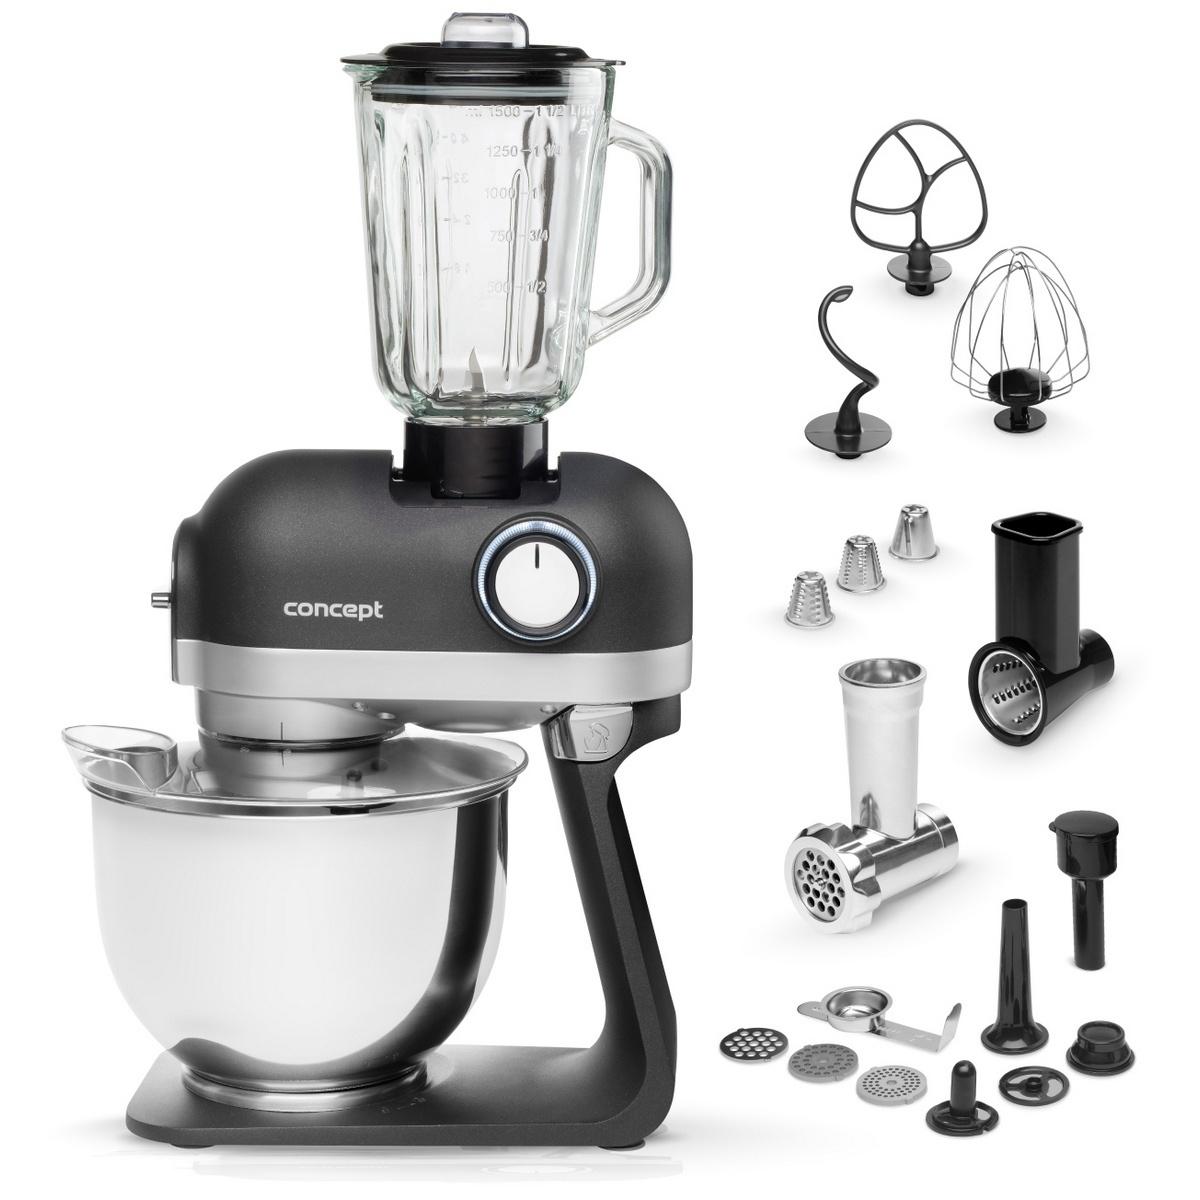 CONCEPT RM7000 ELEMENT kuchynský robot